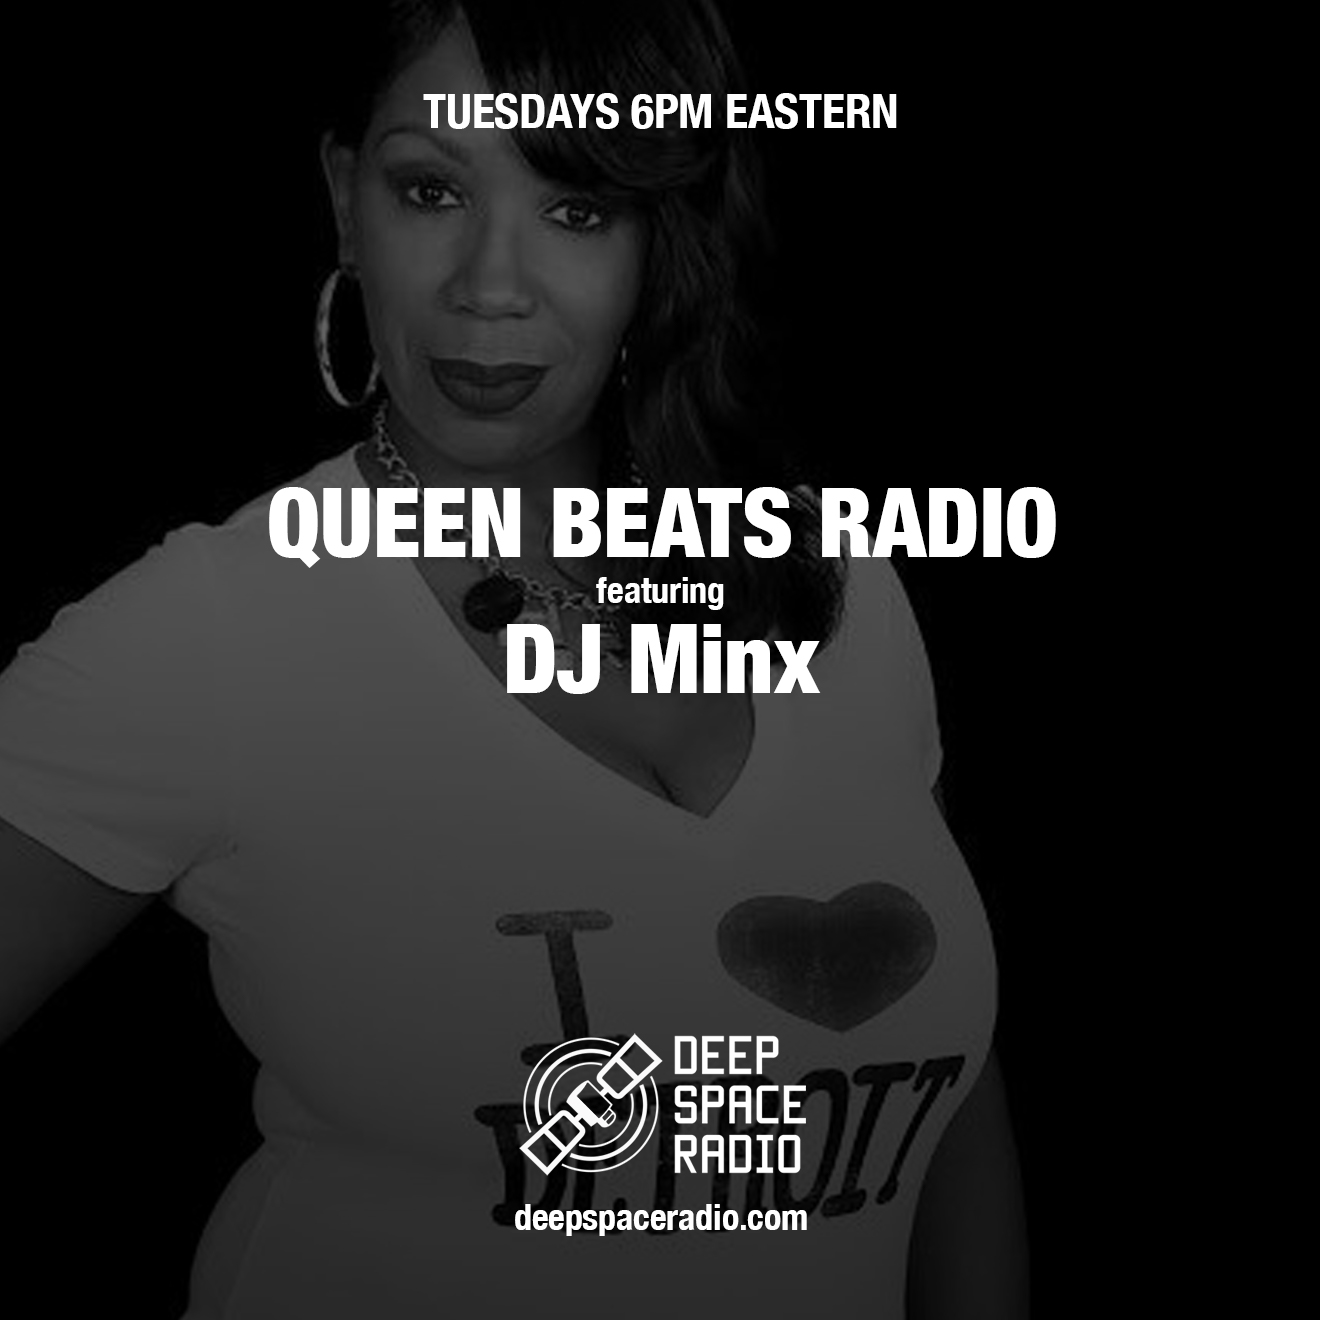 deepspaceradio-queenbeatsradio-djminx